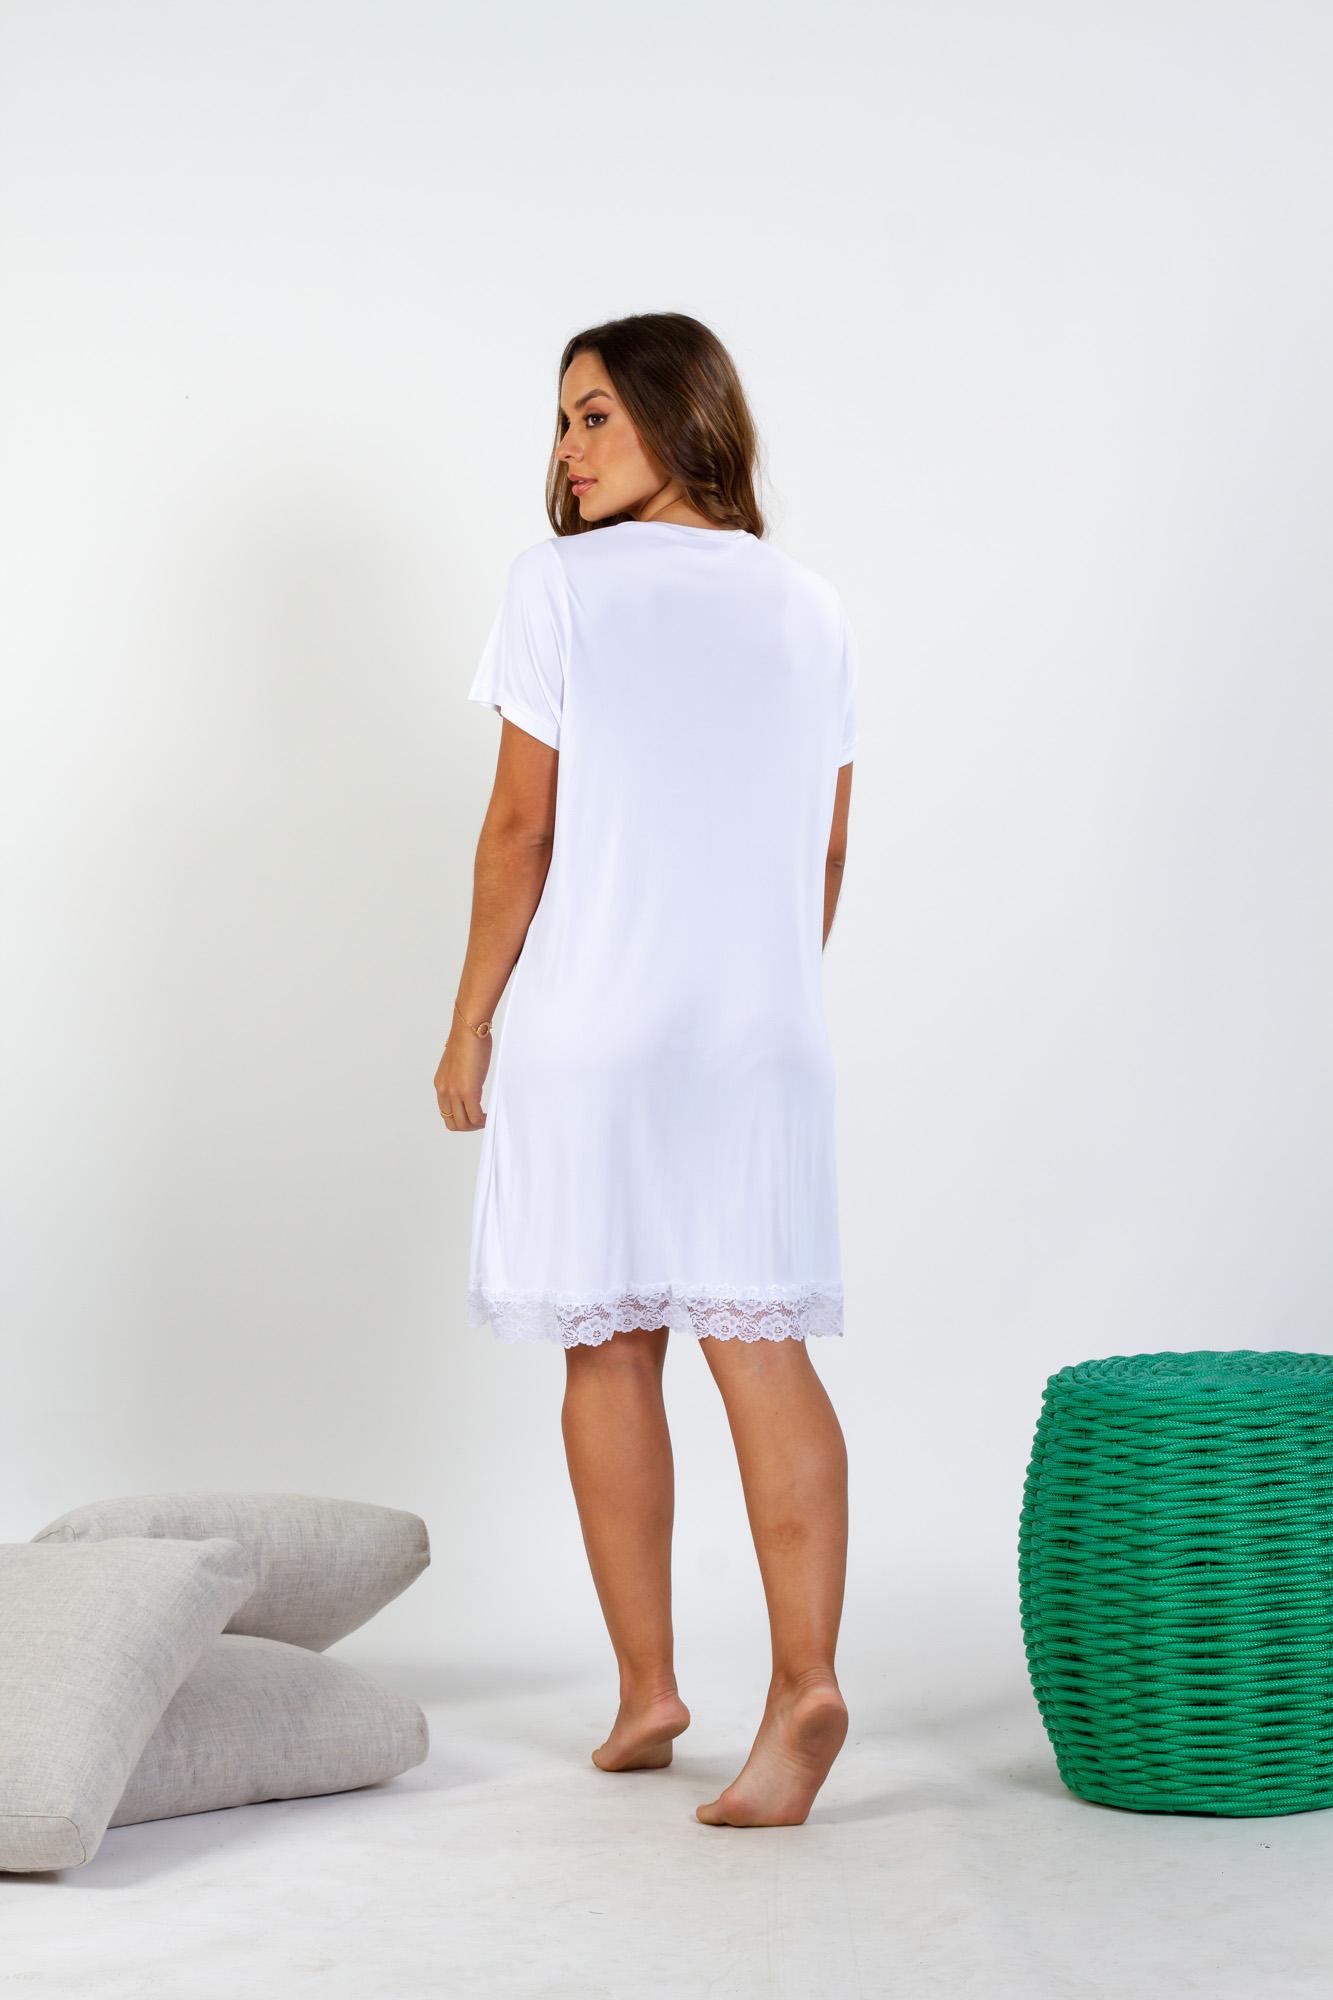 Camisola em liganete com abertura frontal e detalhes em renda - Branco